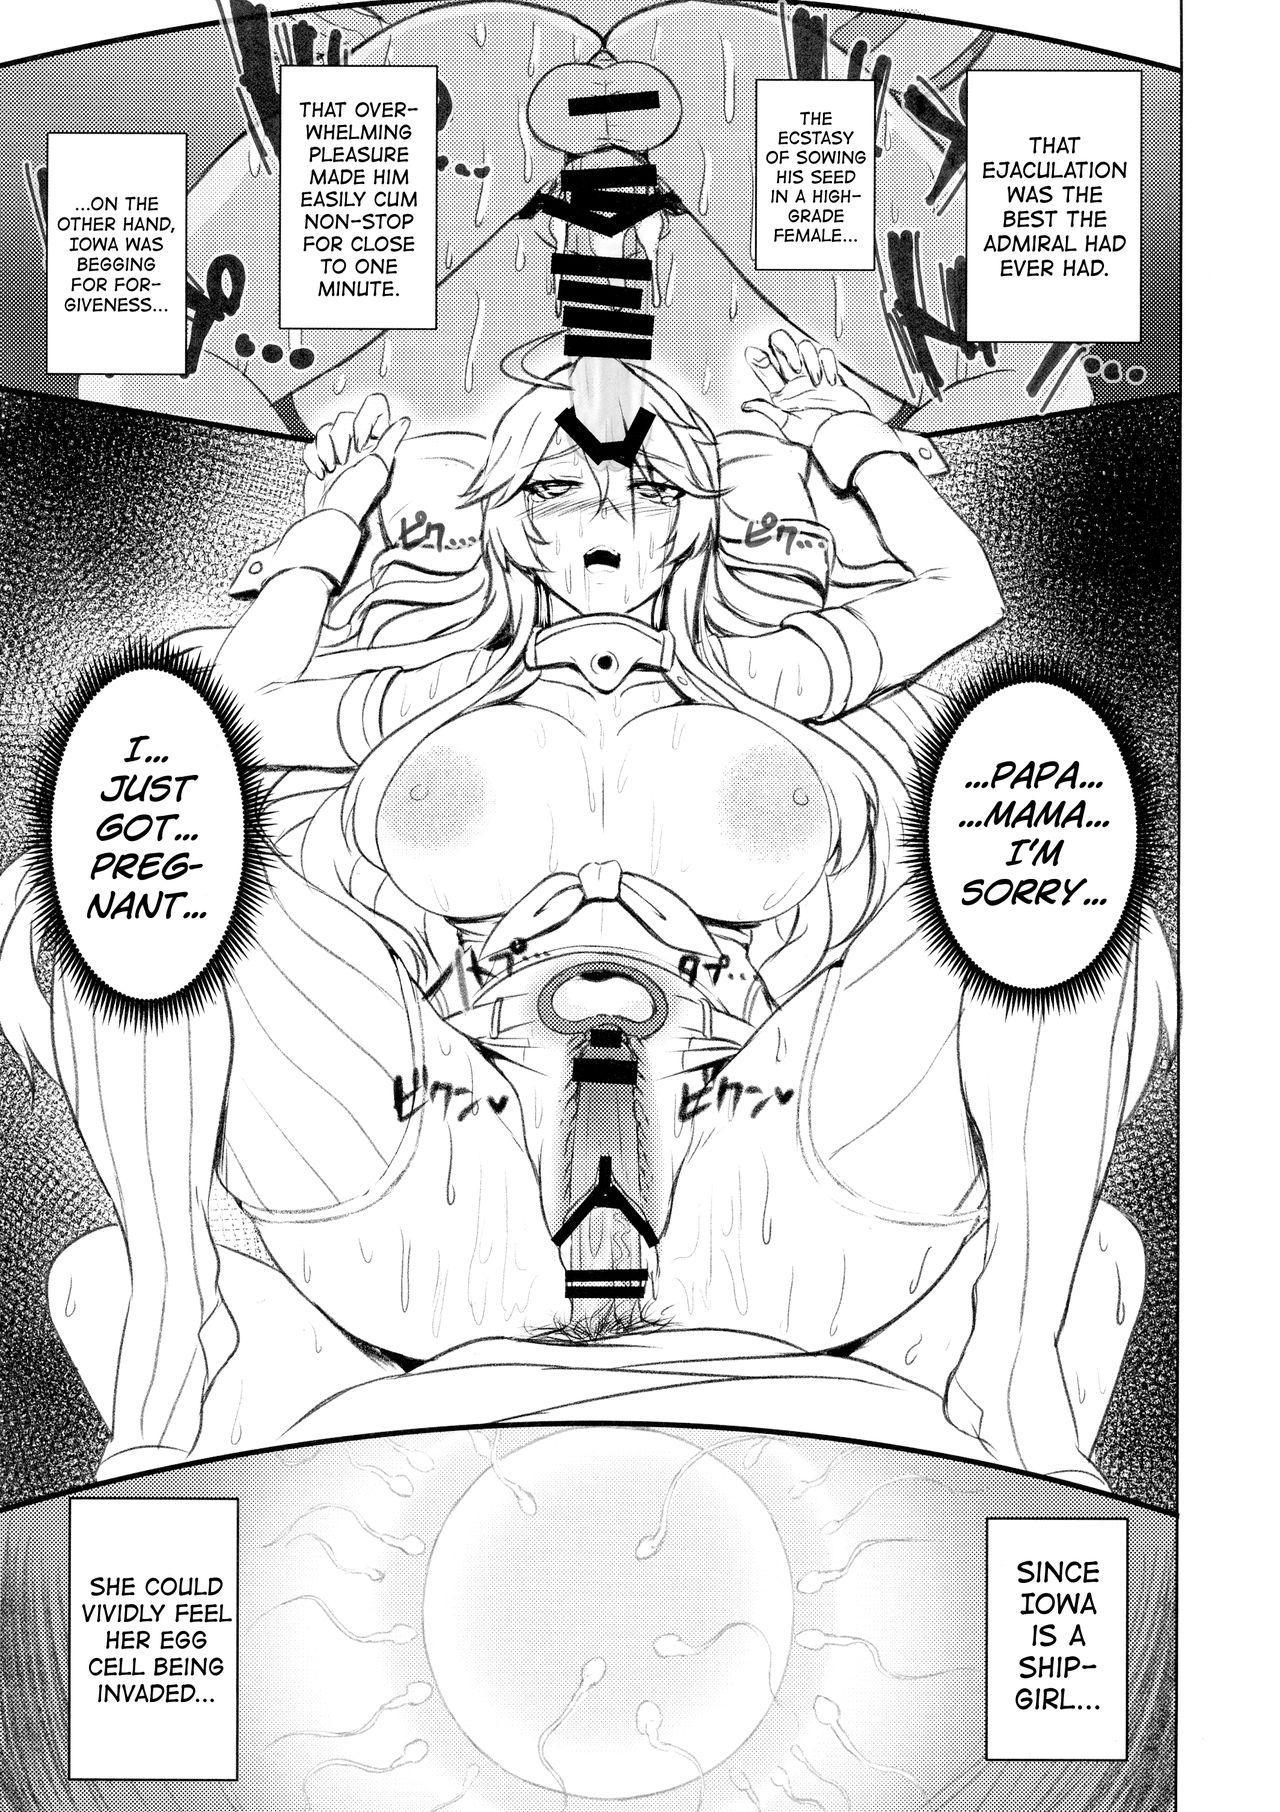 Iowa no Erohon - Iowa Hentai Manga 16